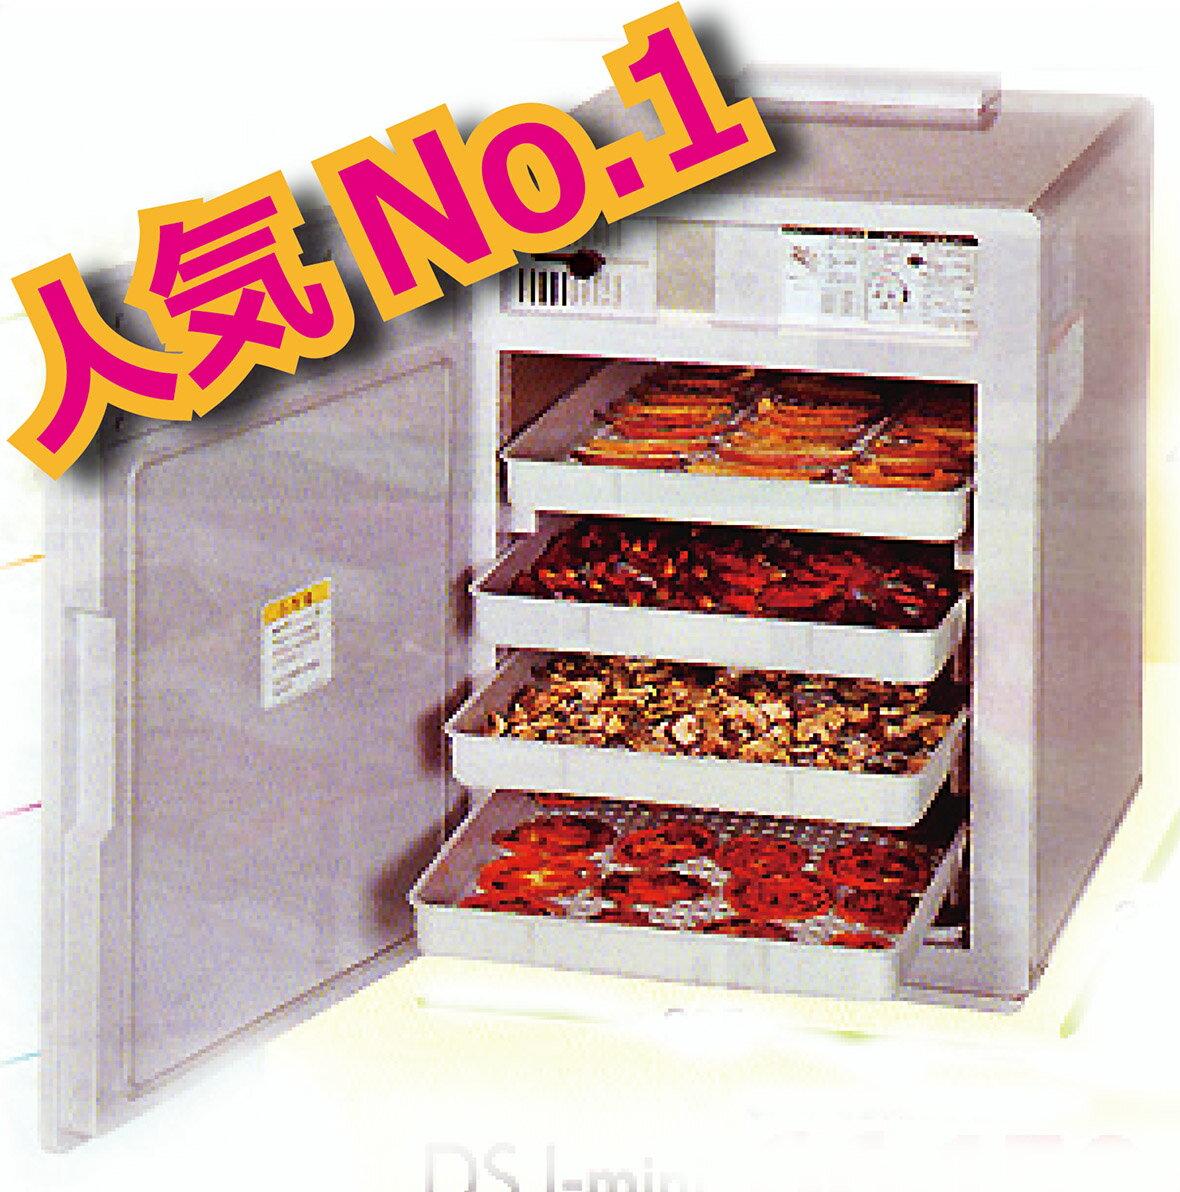 ドライフルーツメーカー 食品乾燥機 ドラッピー ミニ DSJーmini (100V仕様)【代引き不可】 野菜,果物 乾燥機 製造機 【送料無料 :一部地域を除く】